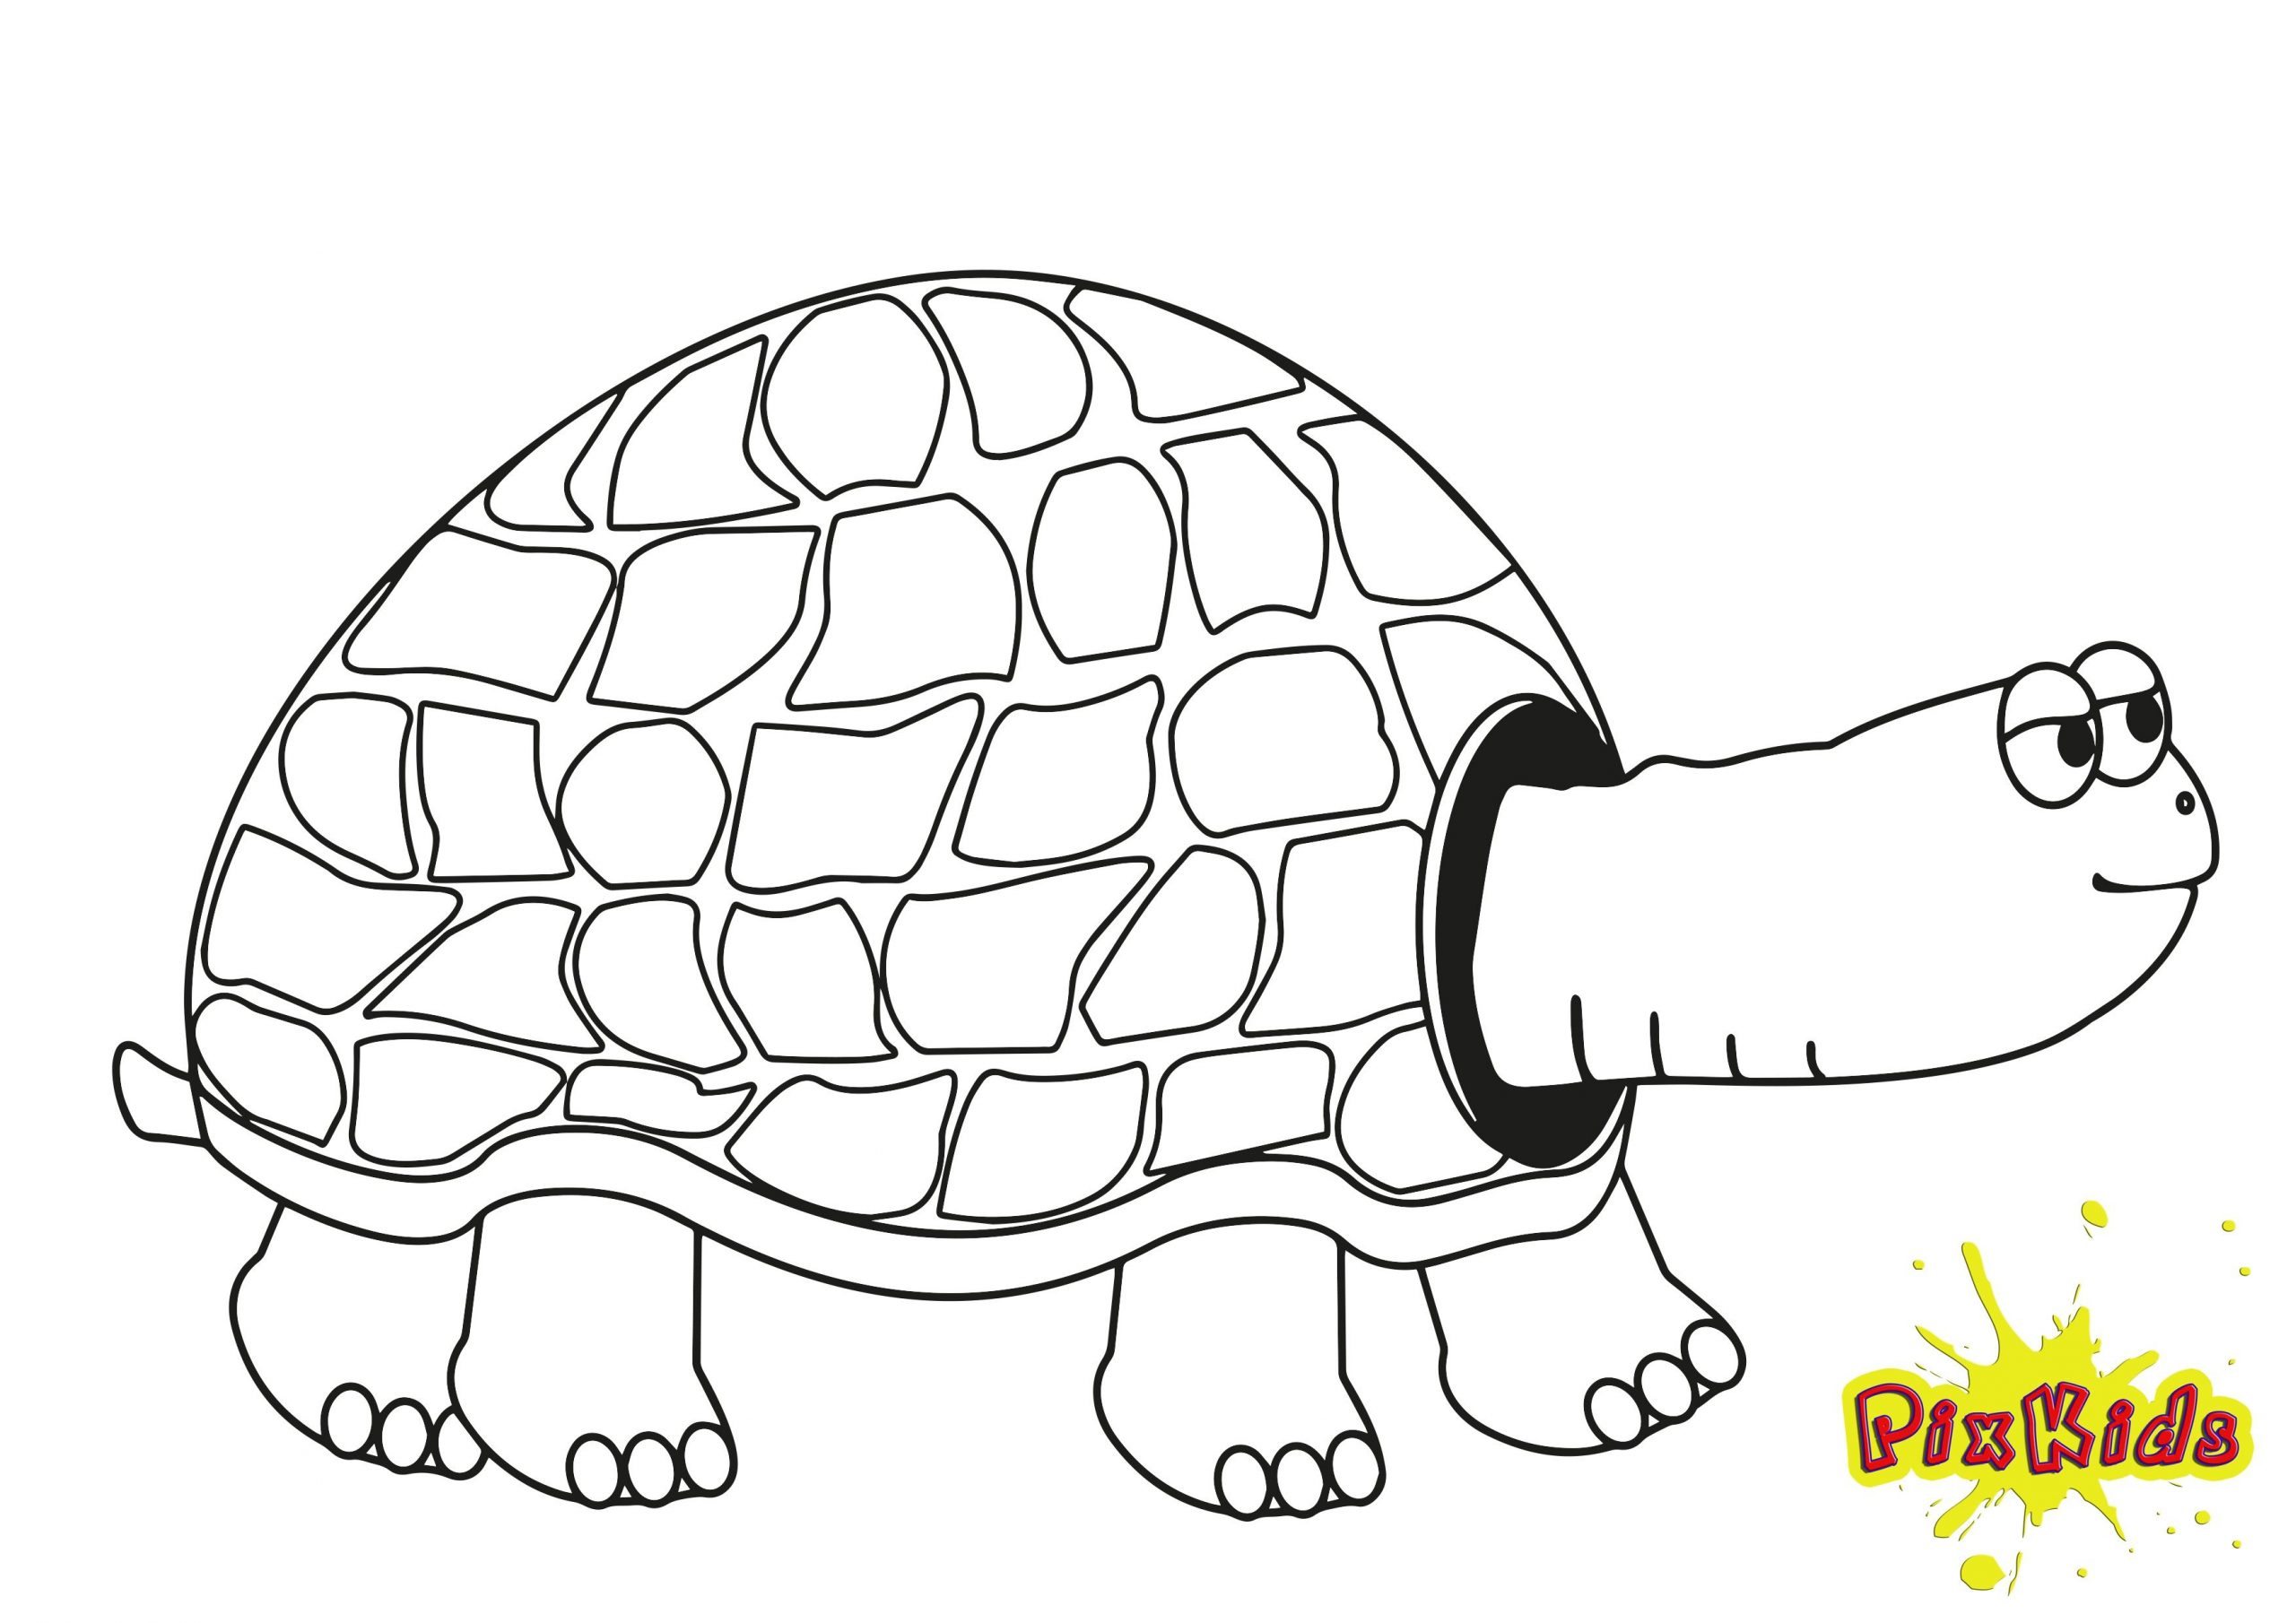 Malvorlage Schildkröte   Malvorlagen, Ausmalbild Löwe bei Malvorlage Schildkröte